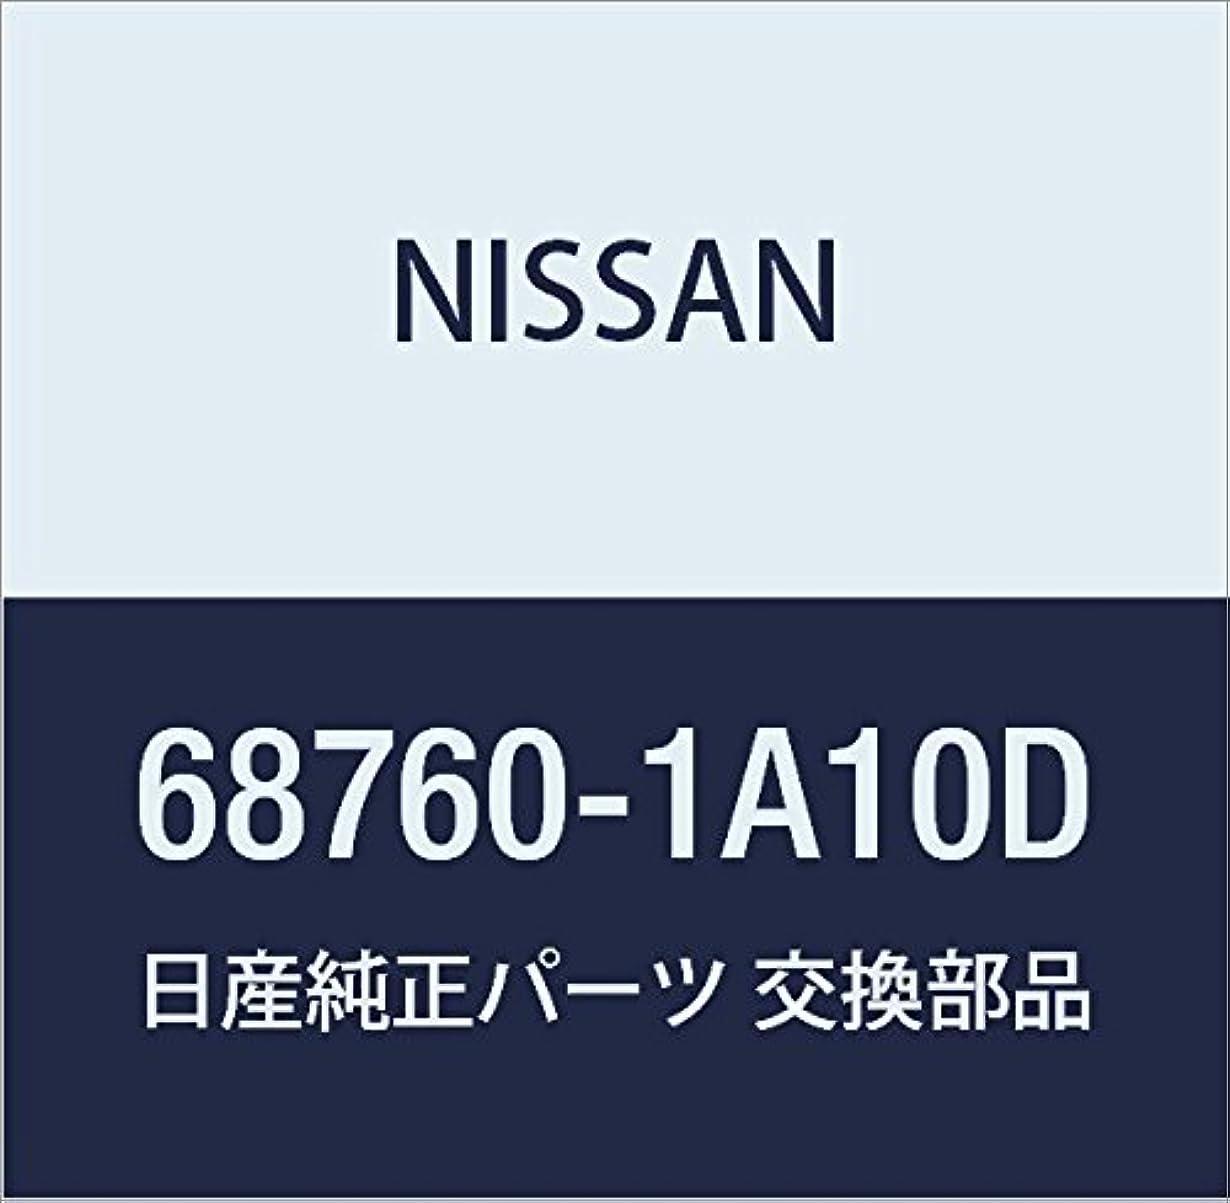 テレビ局そこ歪めるSUBARU (スバル) 純正部品 クリツプ 2PICE D7 品番909140034